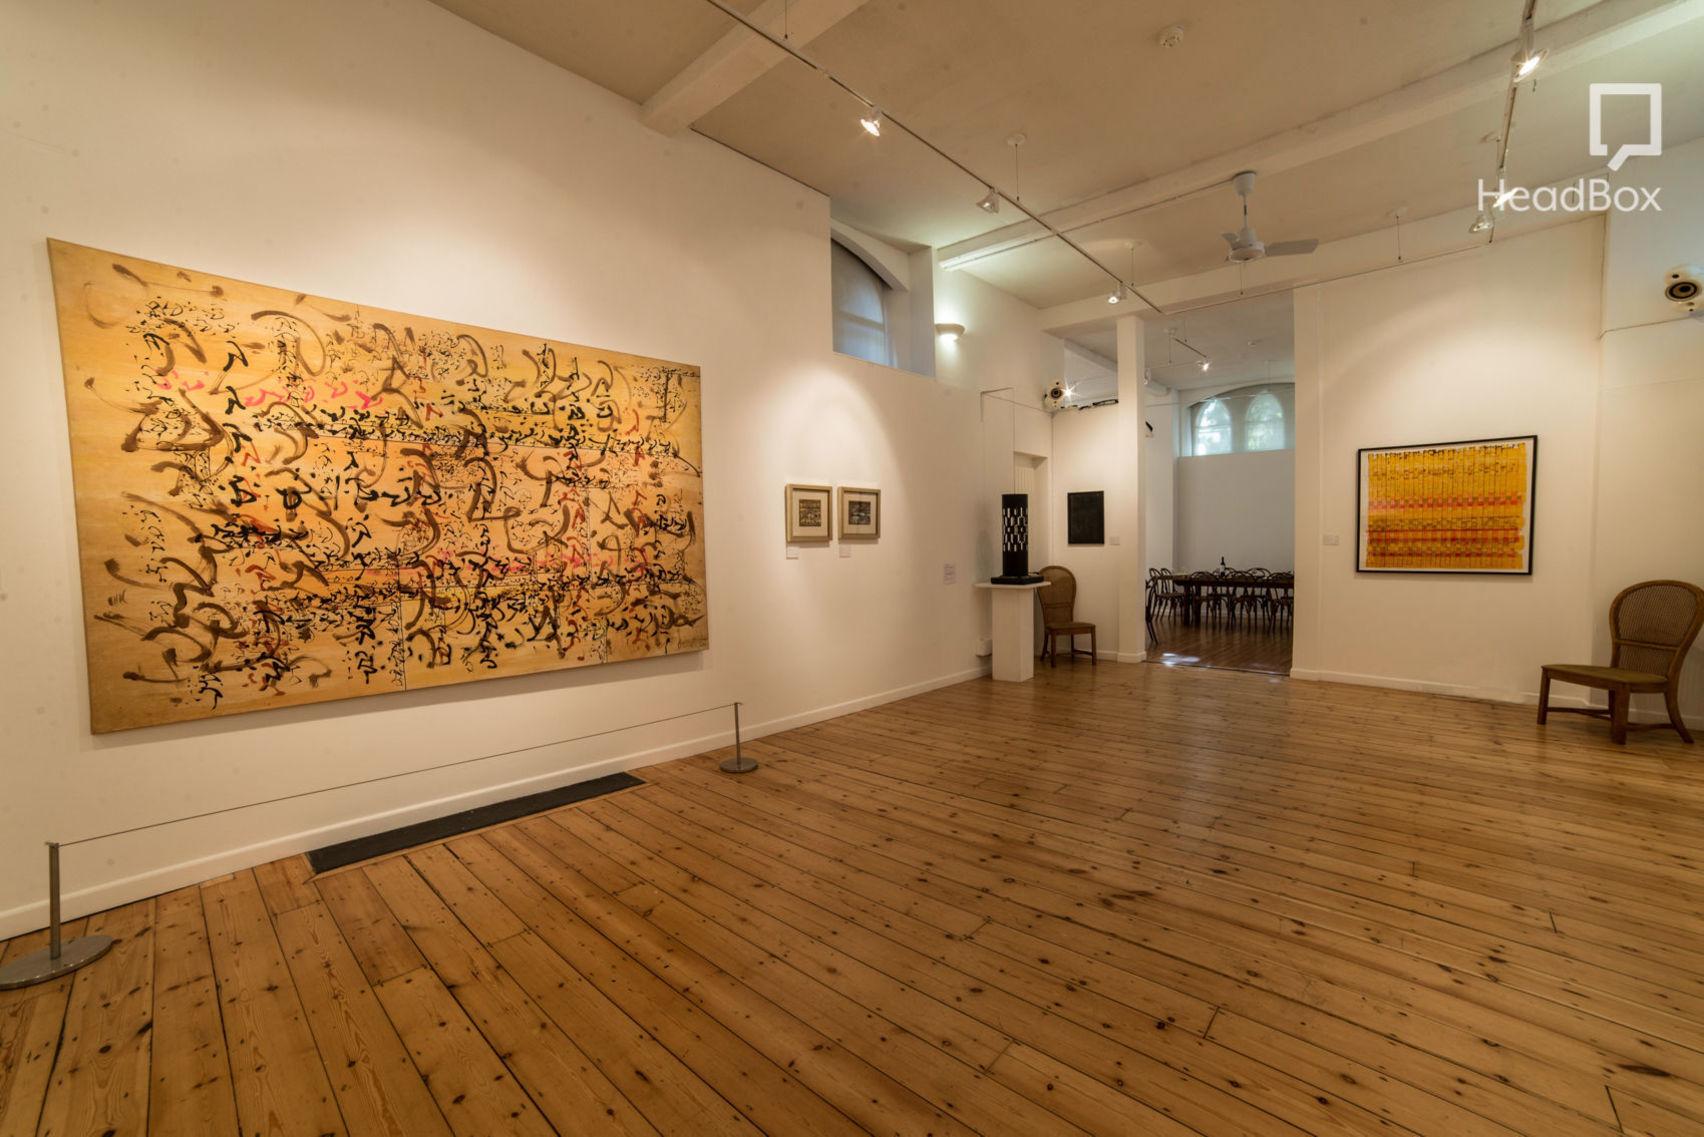 Exclusive Venue Hire, October Gallery